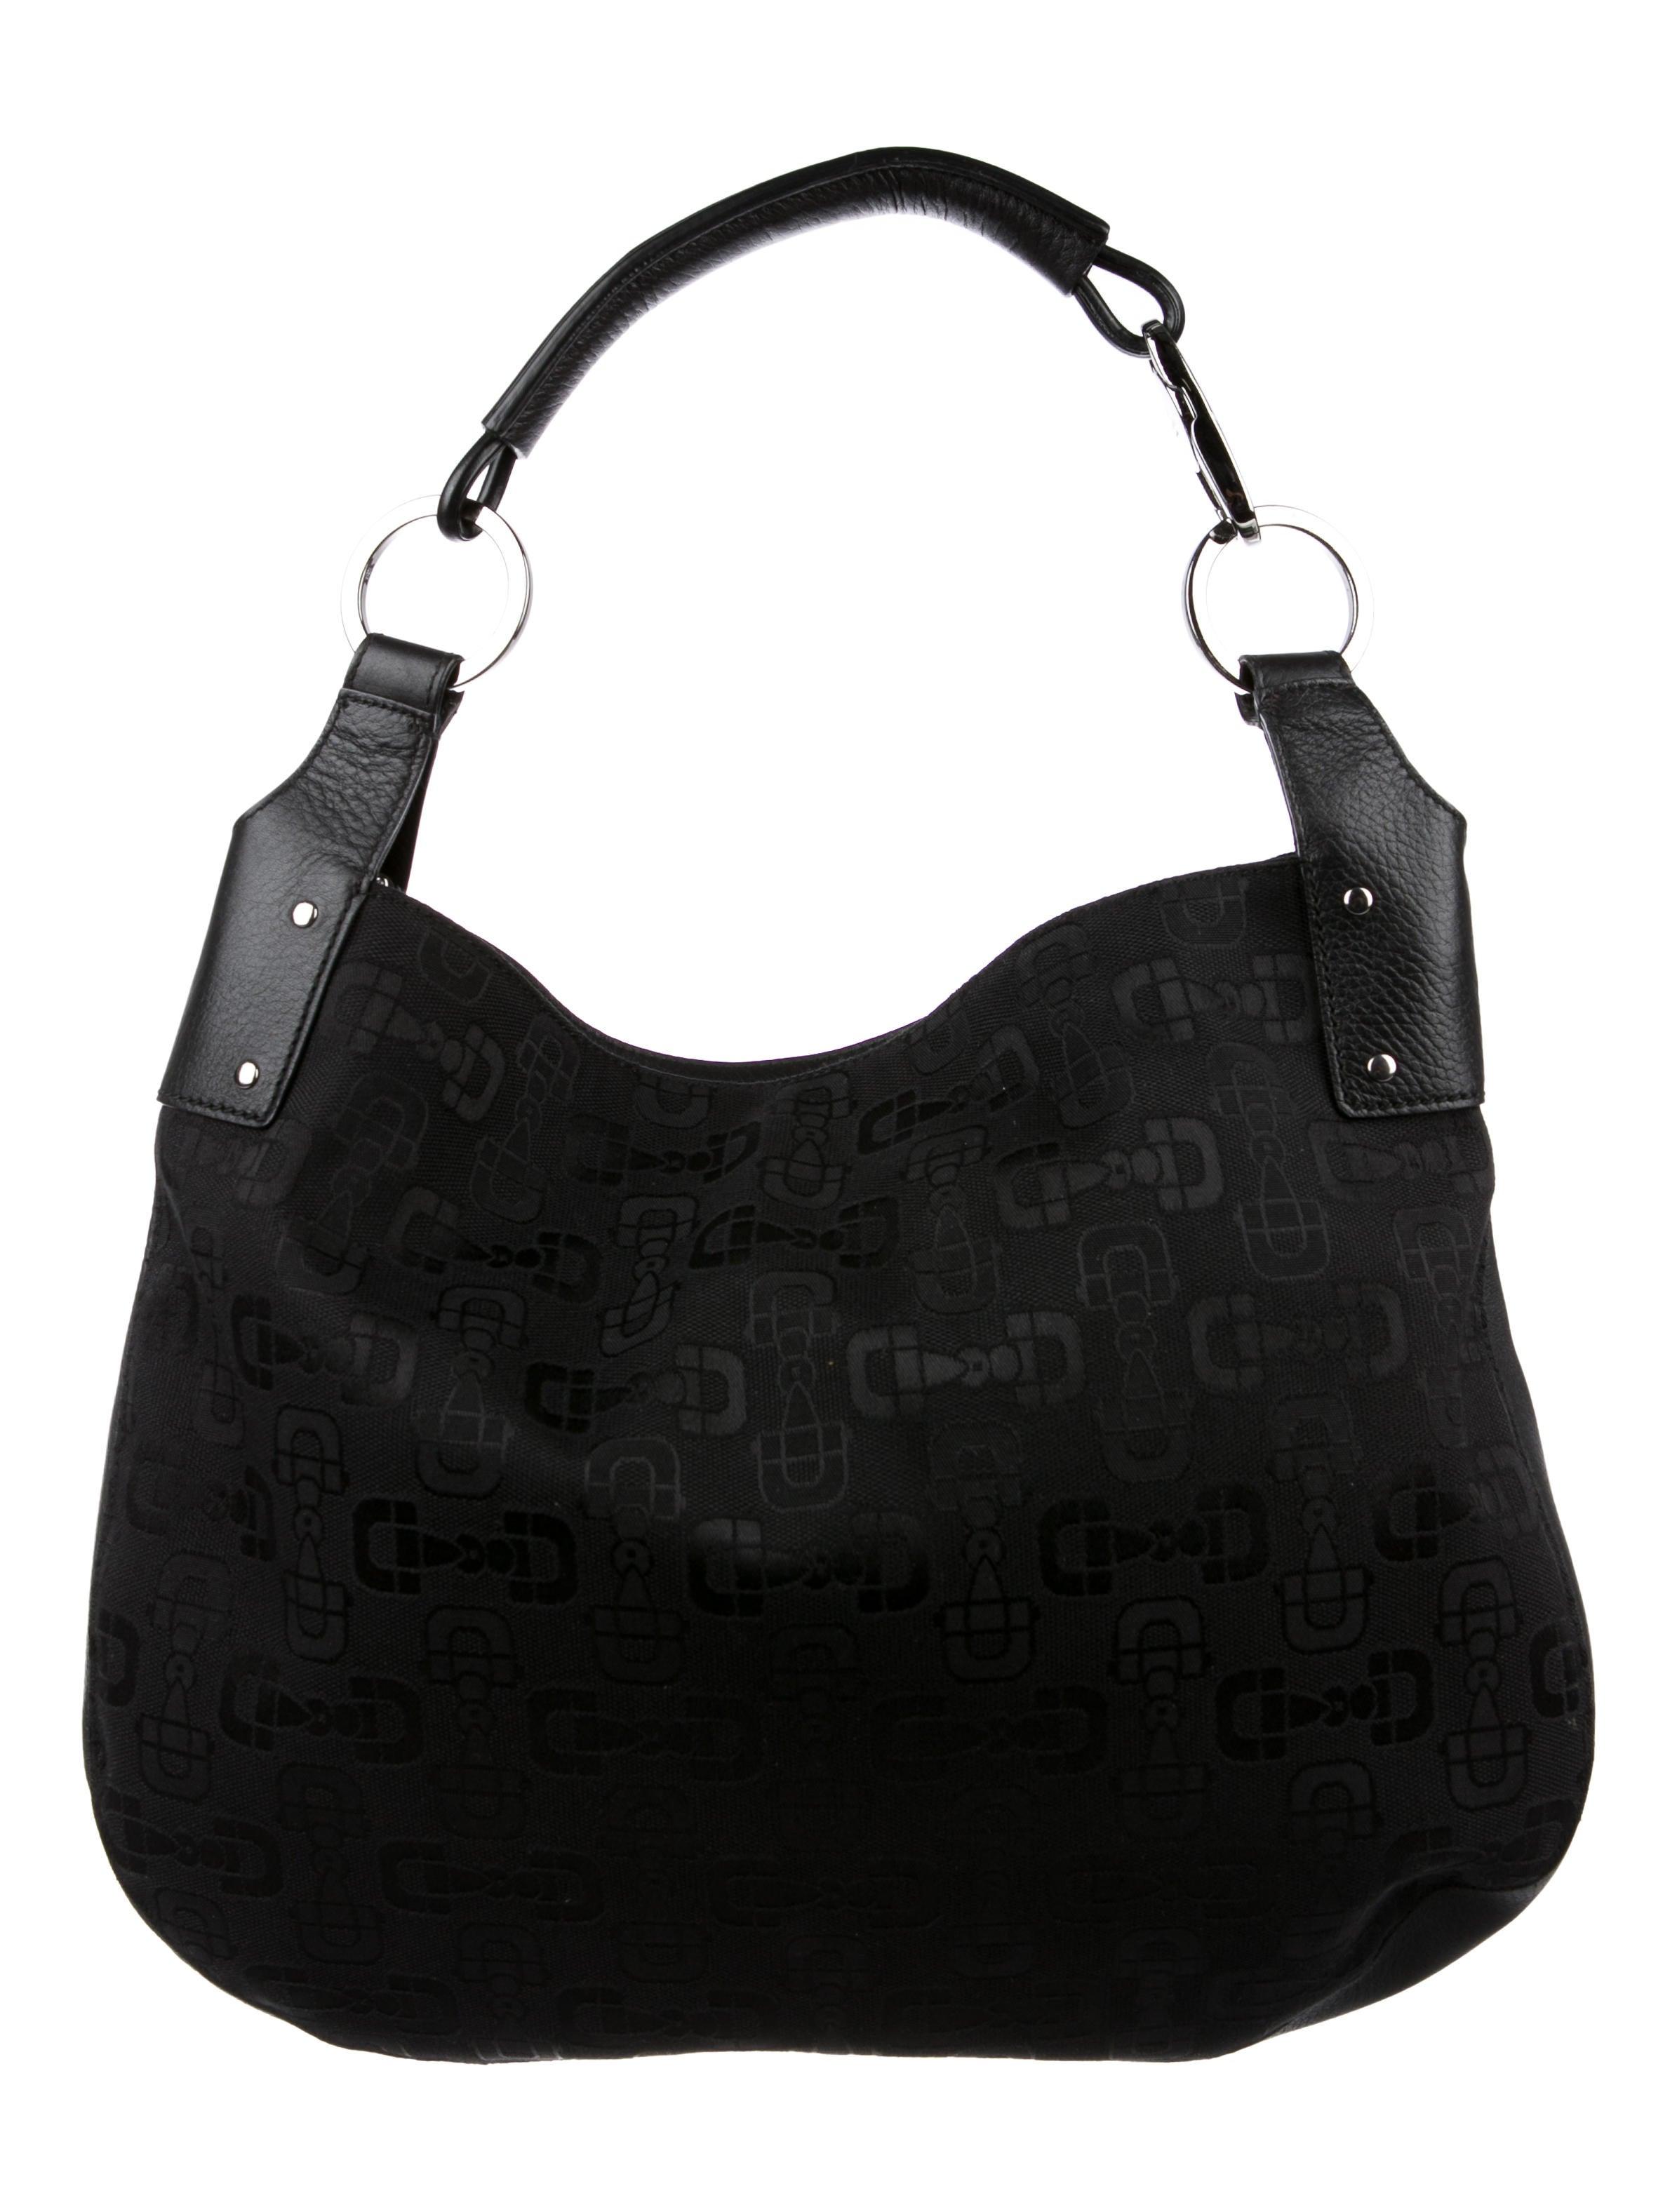 55c4c5676642 Gucci Hobo Horsebit Handbag - Foto Handbag All Collections ...